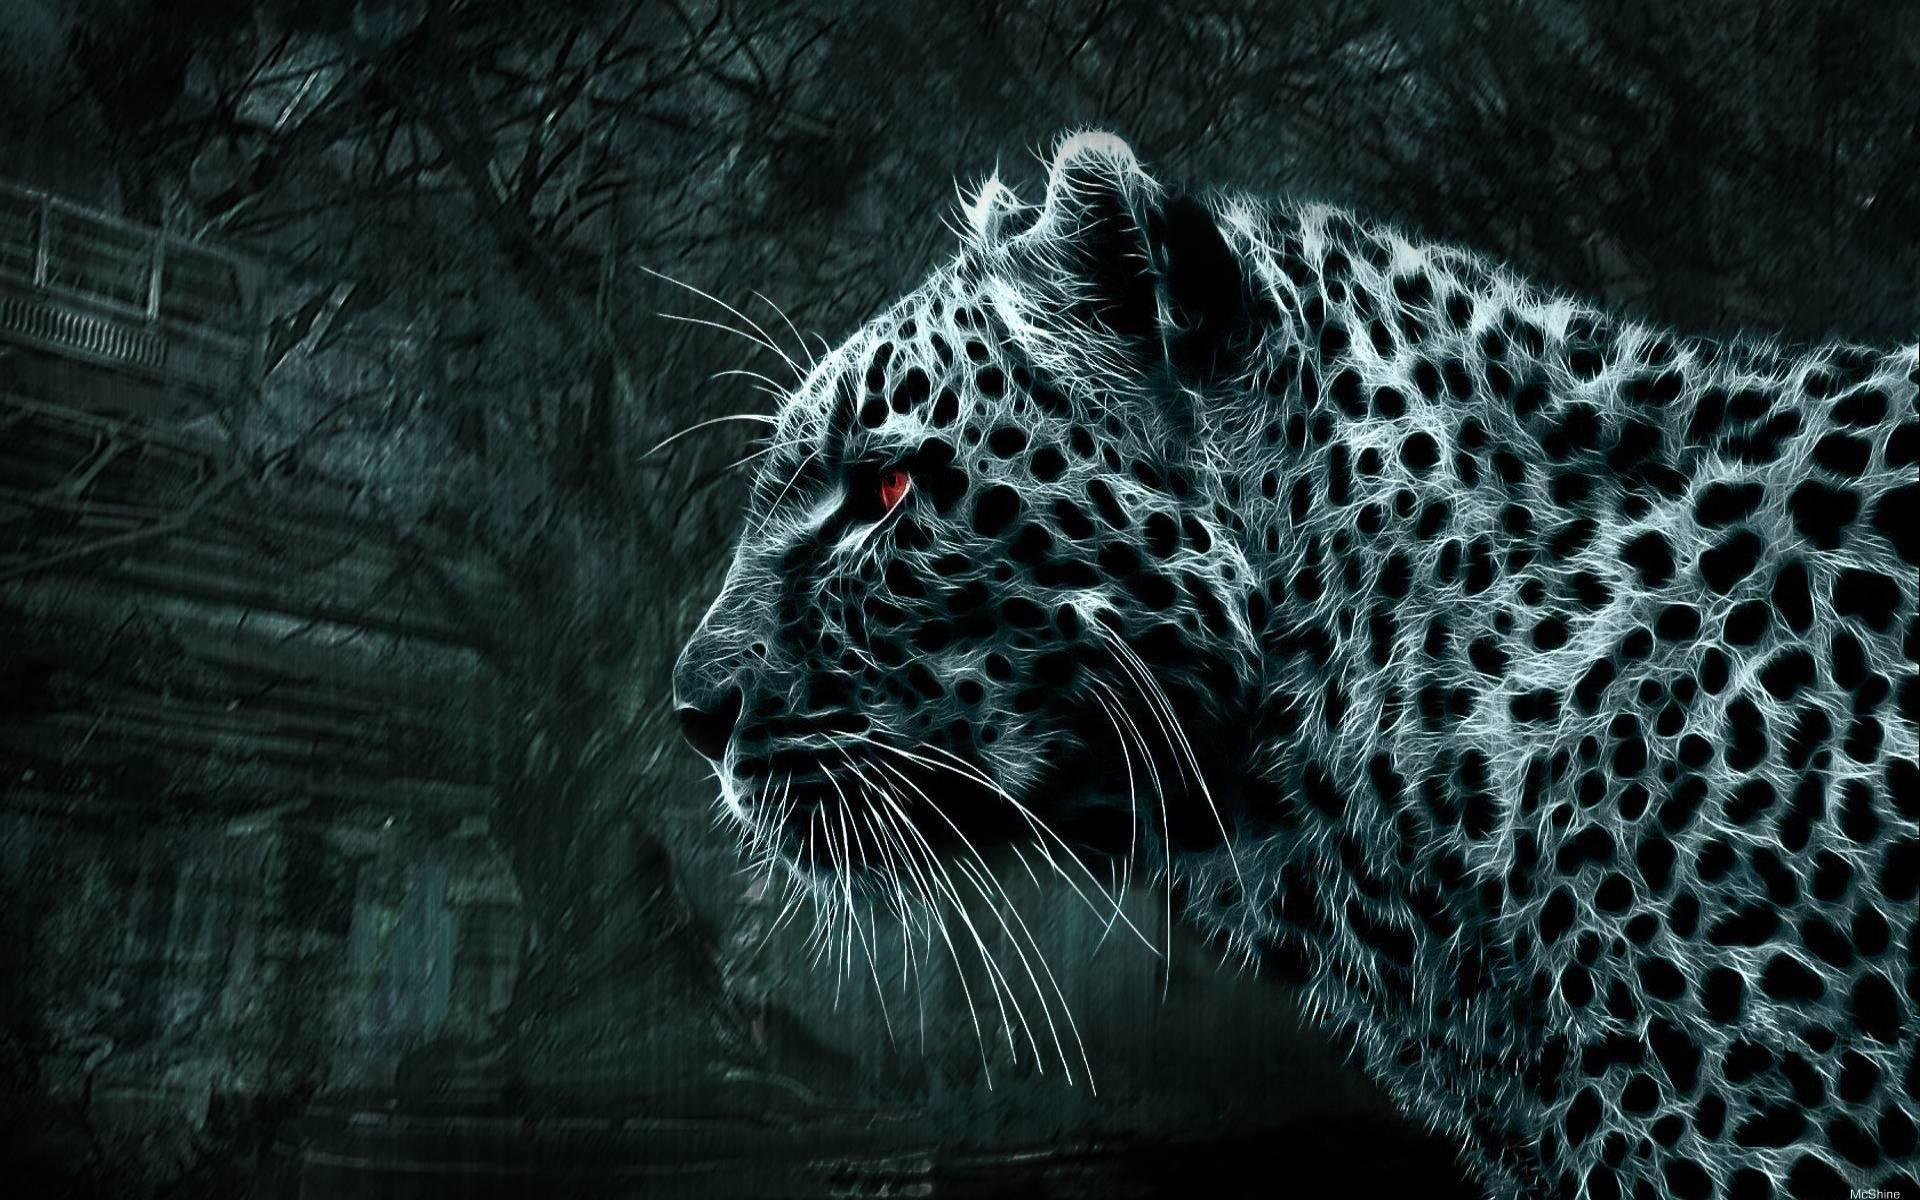 обои Леопард, заброшенный дом, лес, ночь картинки фото